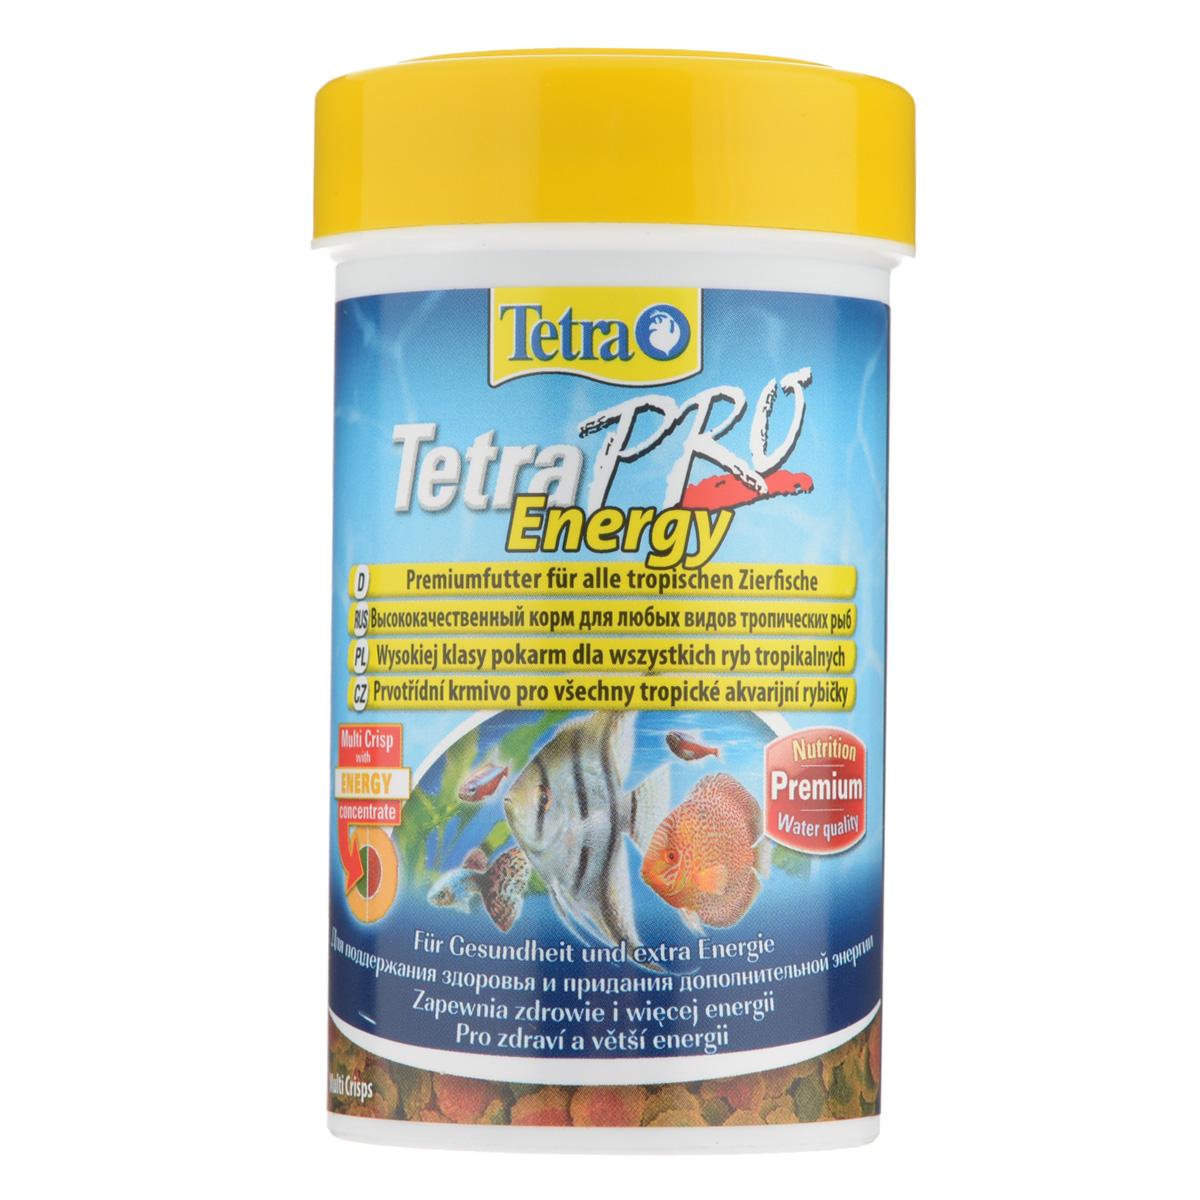 Корм сухой TetraPro Energy для всех видов тропических рыб, в виде чипсов, 250 мл141742Полноценный высококачественный корм Tetra TetraPro. Energy для всех видов тропических рыб разработан для поддержания здоровья и придания дополнительной энергии. Особенности Tetra TetraPro. Energy: - щадящая низкотемпературная технология изготовления обеспечивает высокую питательную ценность и стабильность витаминов; - энергетический концентрат для дополнительной энергии; - инновационная форма чипсов для минимального загрязнения воды отходами; - легкое кормление. Рекомендации по кормлению: кормить несколько раз в день маленькими порциями. Состав: рыба и побочные рыбные продукты, зерновые культуры, экстракты растительного белка, дрожжи, моллюски и раки, масла и жиры, водоросли, сахар. Аналитические компоненты: сырой белок - 46%, сырые масла и жиры - 12%, сырая клетчатка - 2,0%, влага - 9%. Добавки: витамины, провитамины и химические вещества с аналогичным воздействием: витамин А 29880 МЕ/кг, витамин Д3 1865 МЕ/кг,...